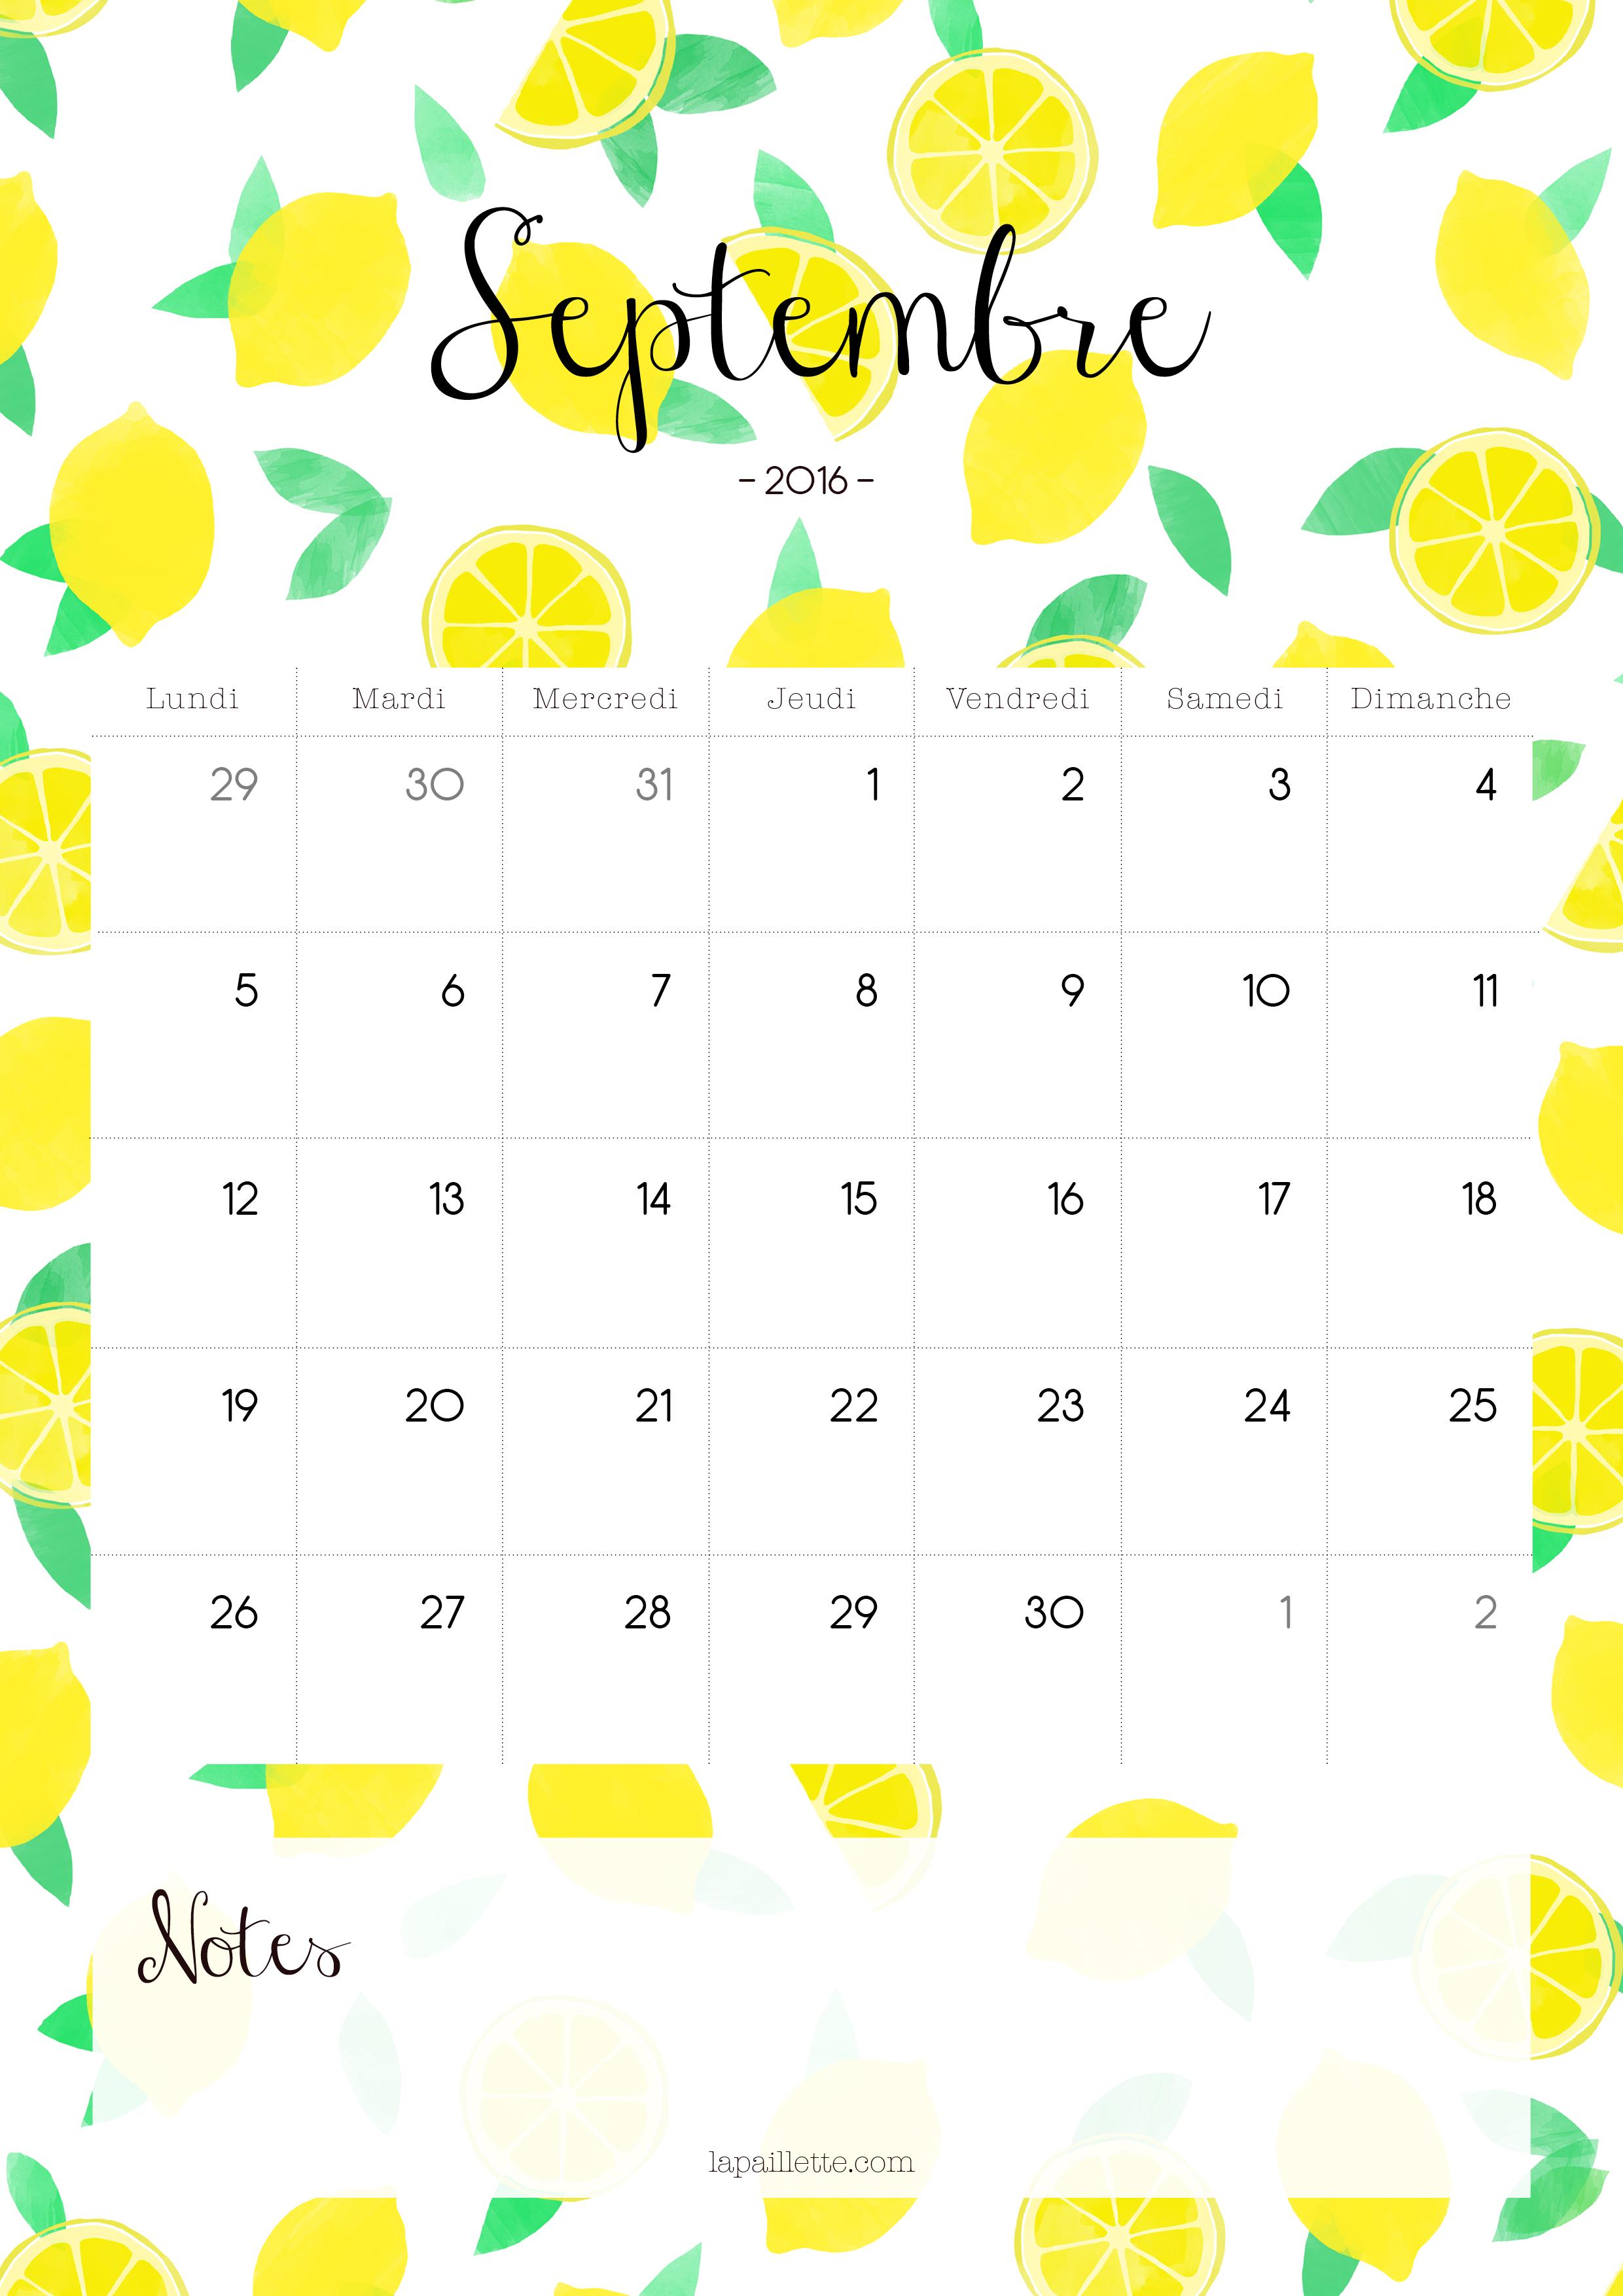 Claire la paillette blog rennes illustratrice calendrier citrons septembre portrait